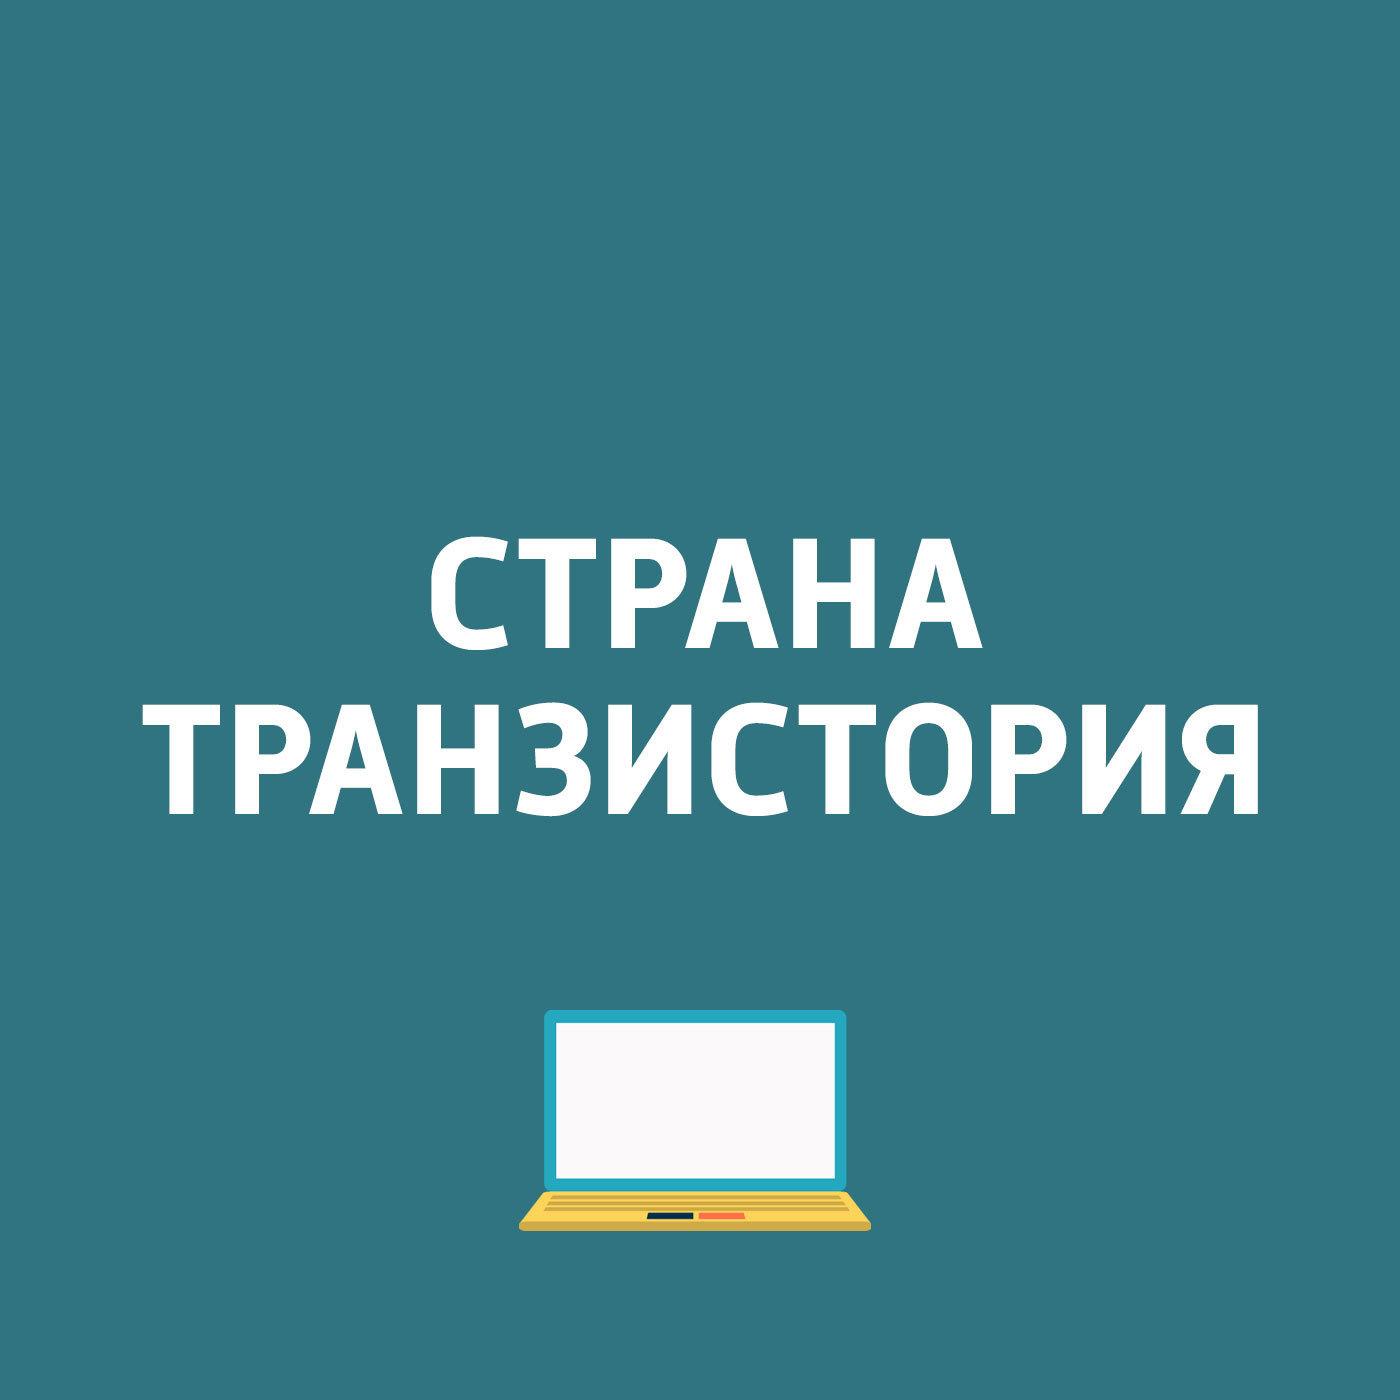 Картаев Павел Российский инженер собирает $60 тыс. на выпуск первого в мире биомеханического экзоскелета картаев павел asus zenbo запускают в продажу с нового года фоторедактор prisma назван лучшим мобильным приложением года